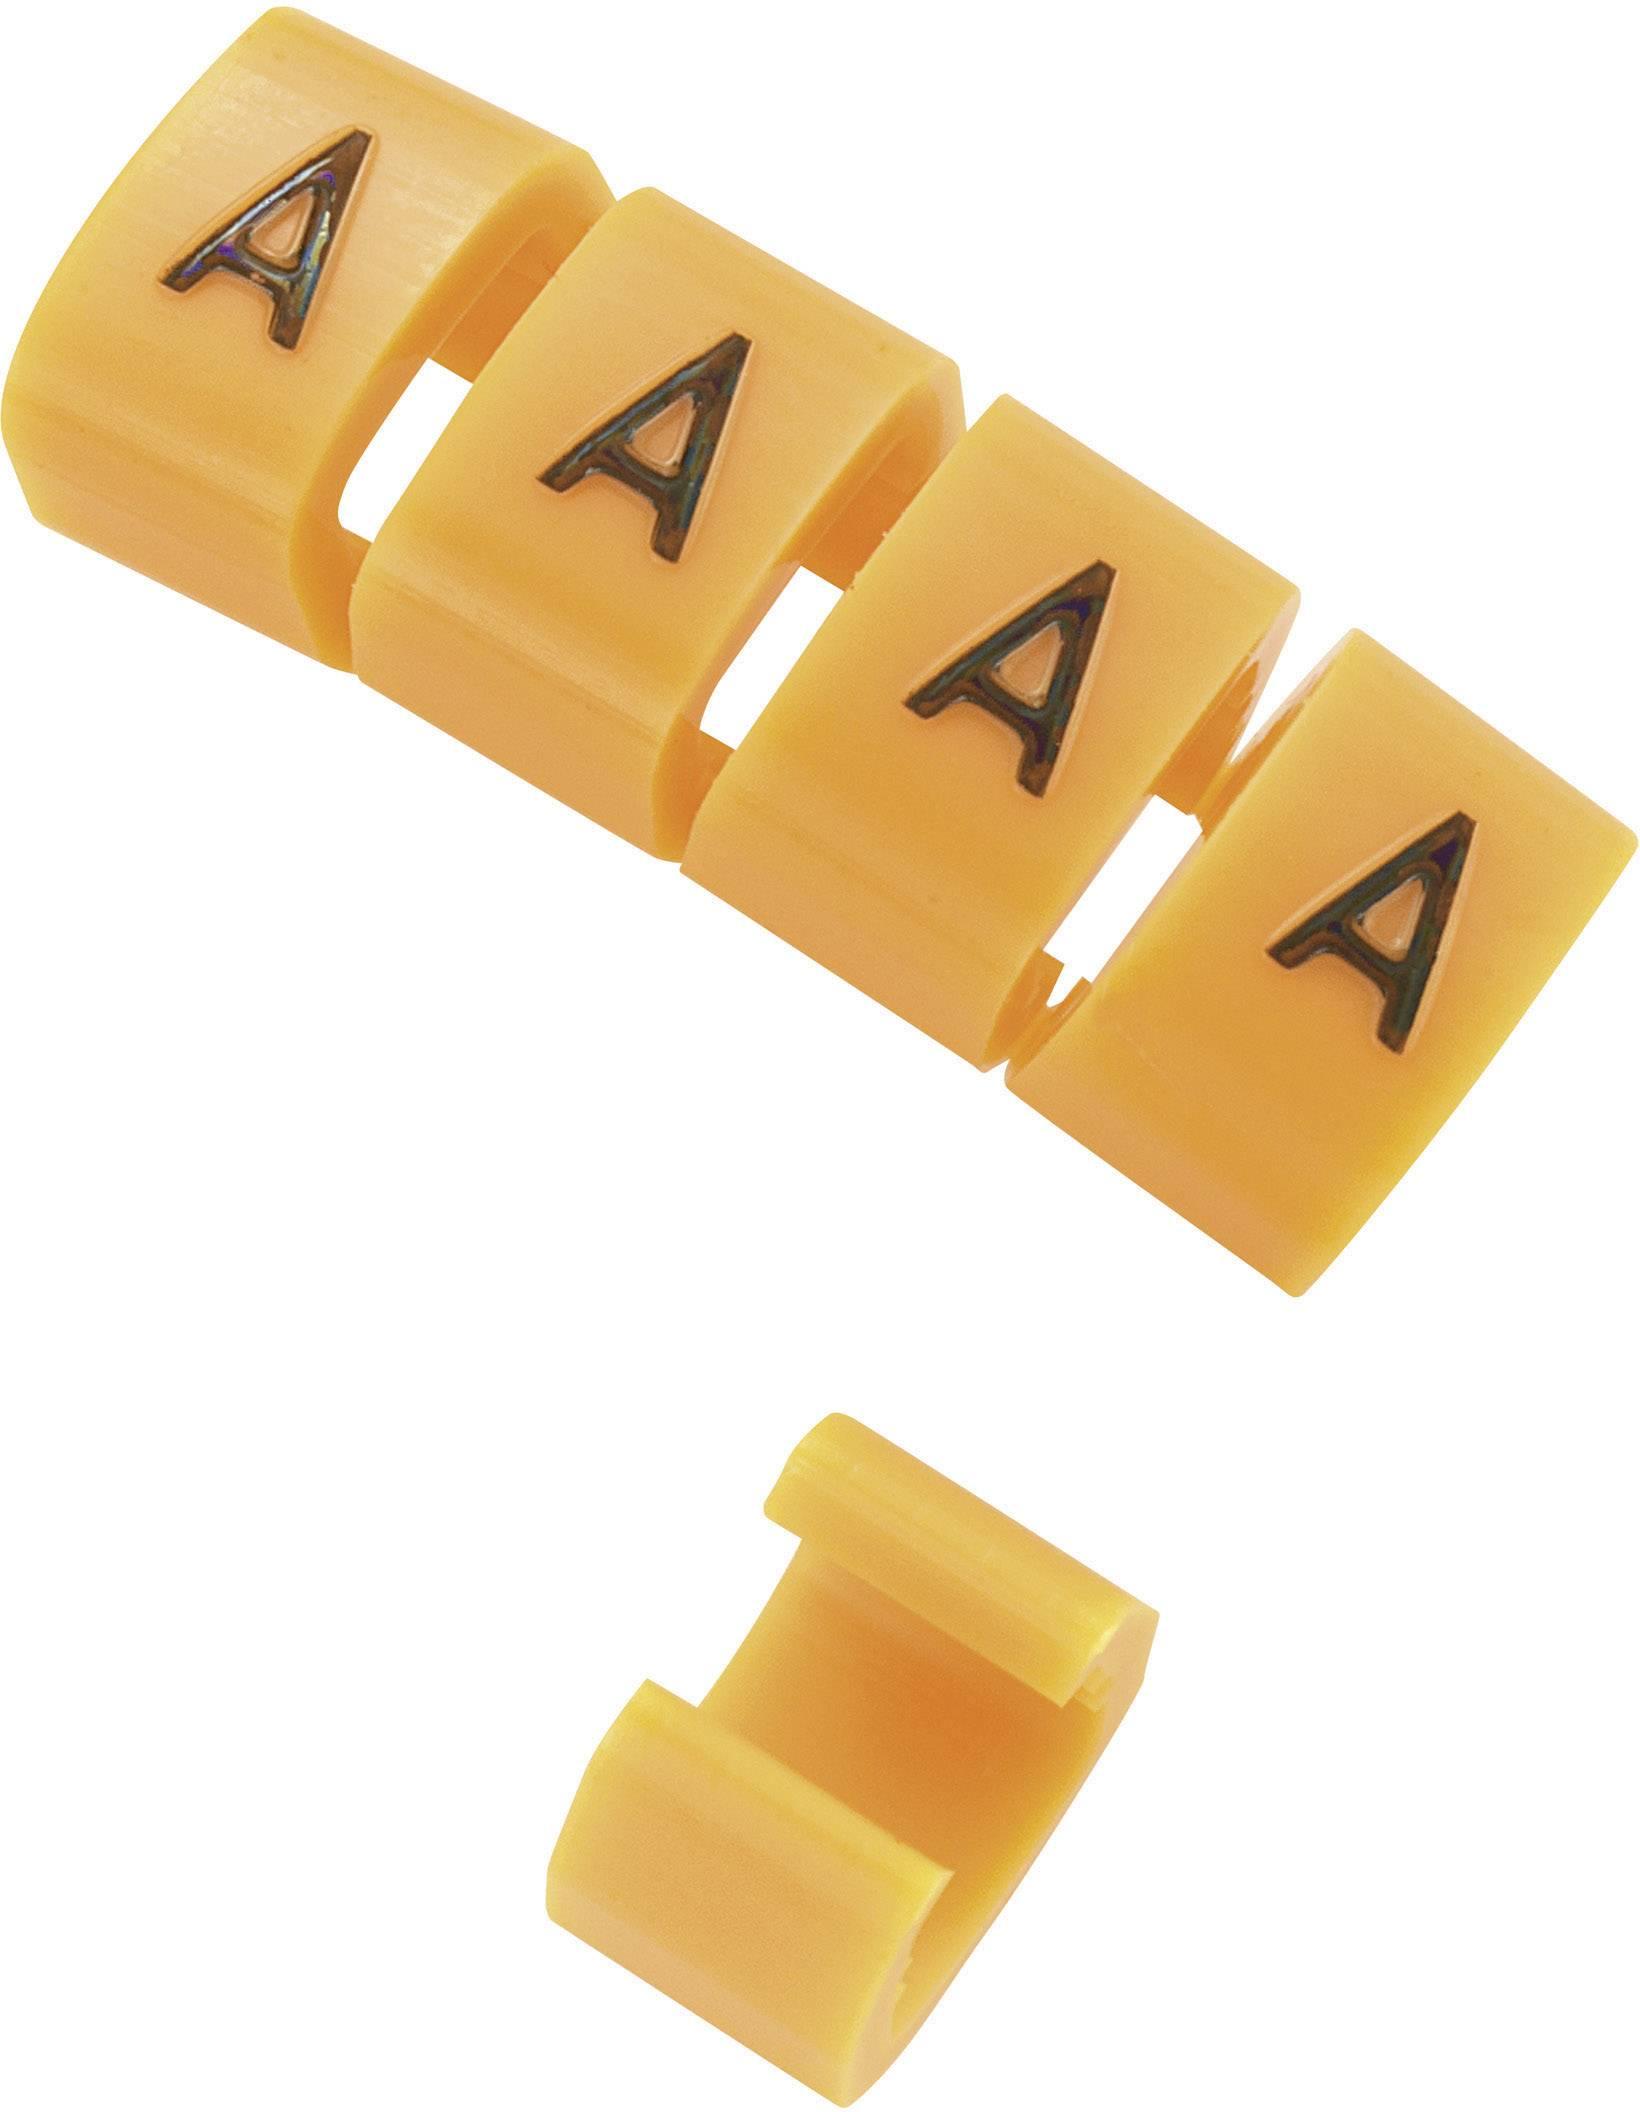 Označovacie objímka na káble KSS MB1/I, oranžová, 10 ks